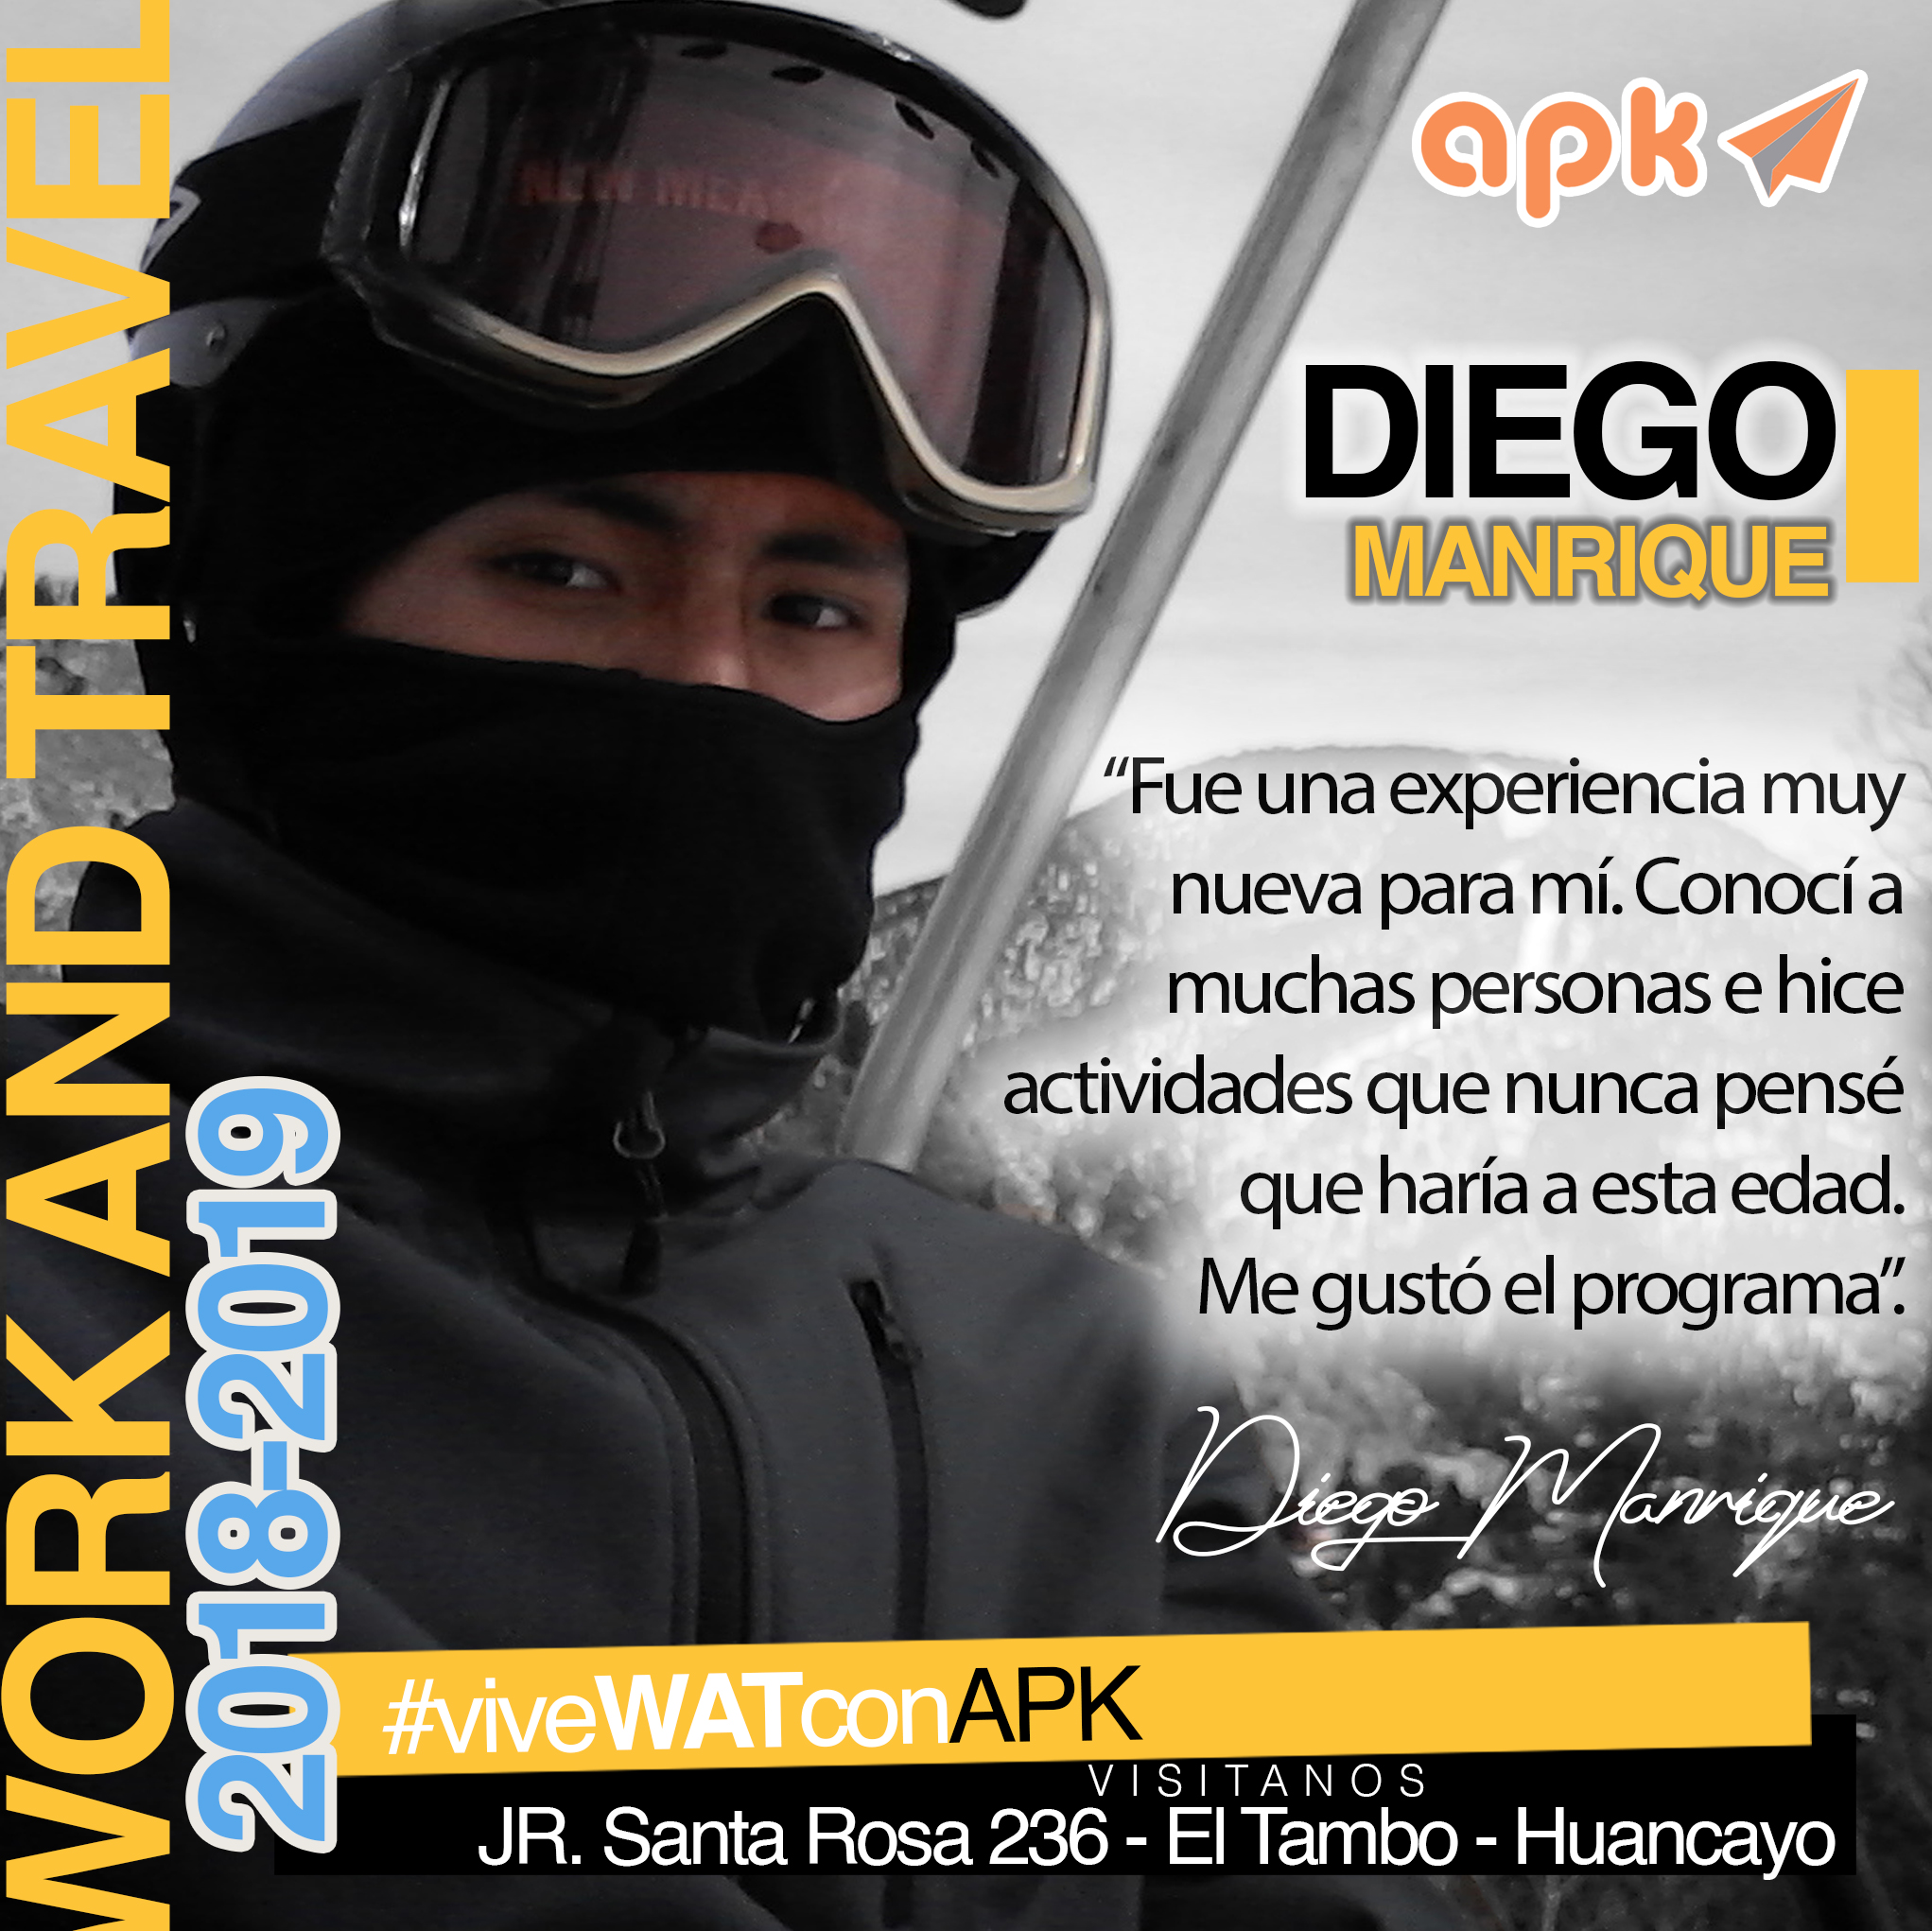 Diego Manrique